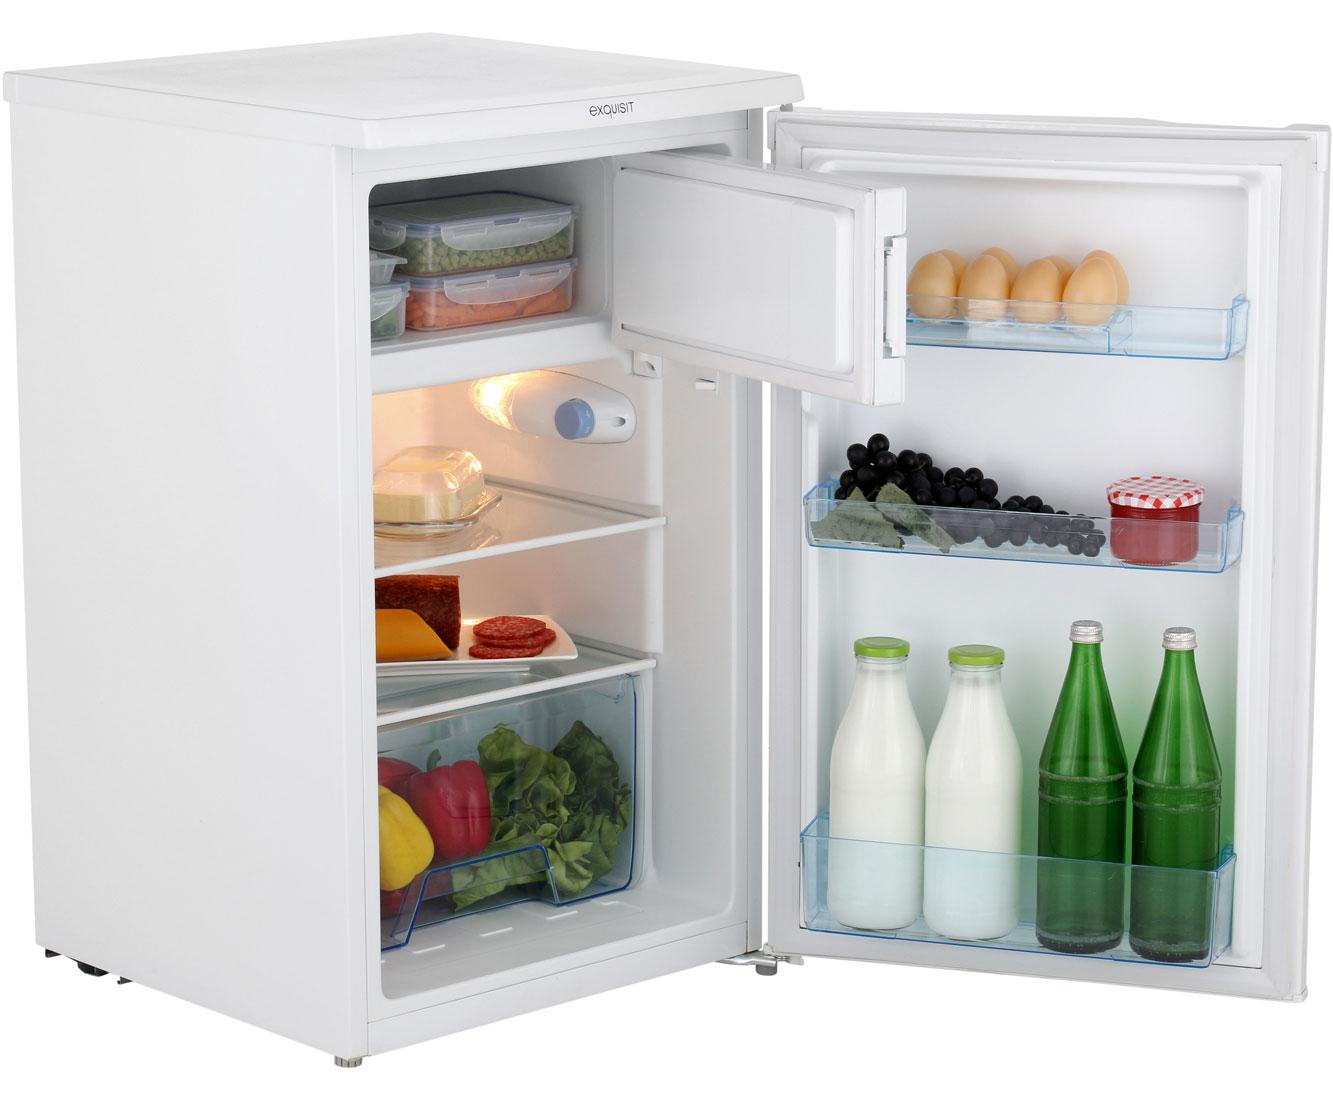 Minibar Kühlschrank Glastür : Kleiner kühlschrank atemberaubend kleiner cola kühlschrank